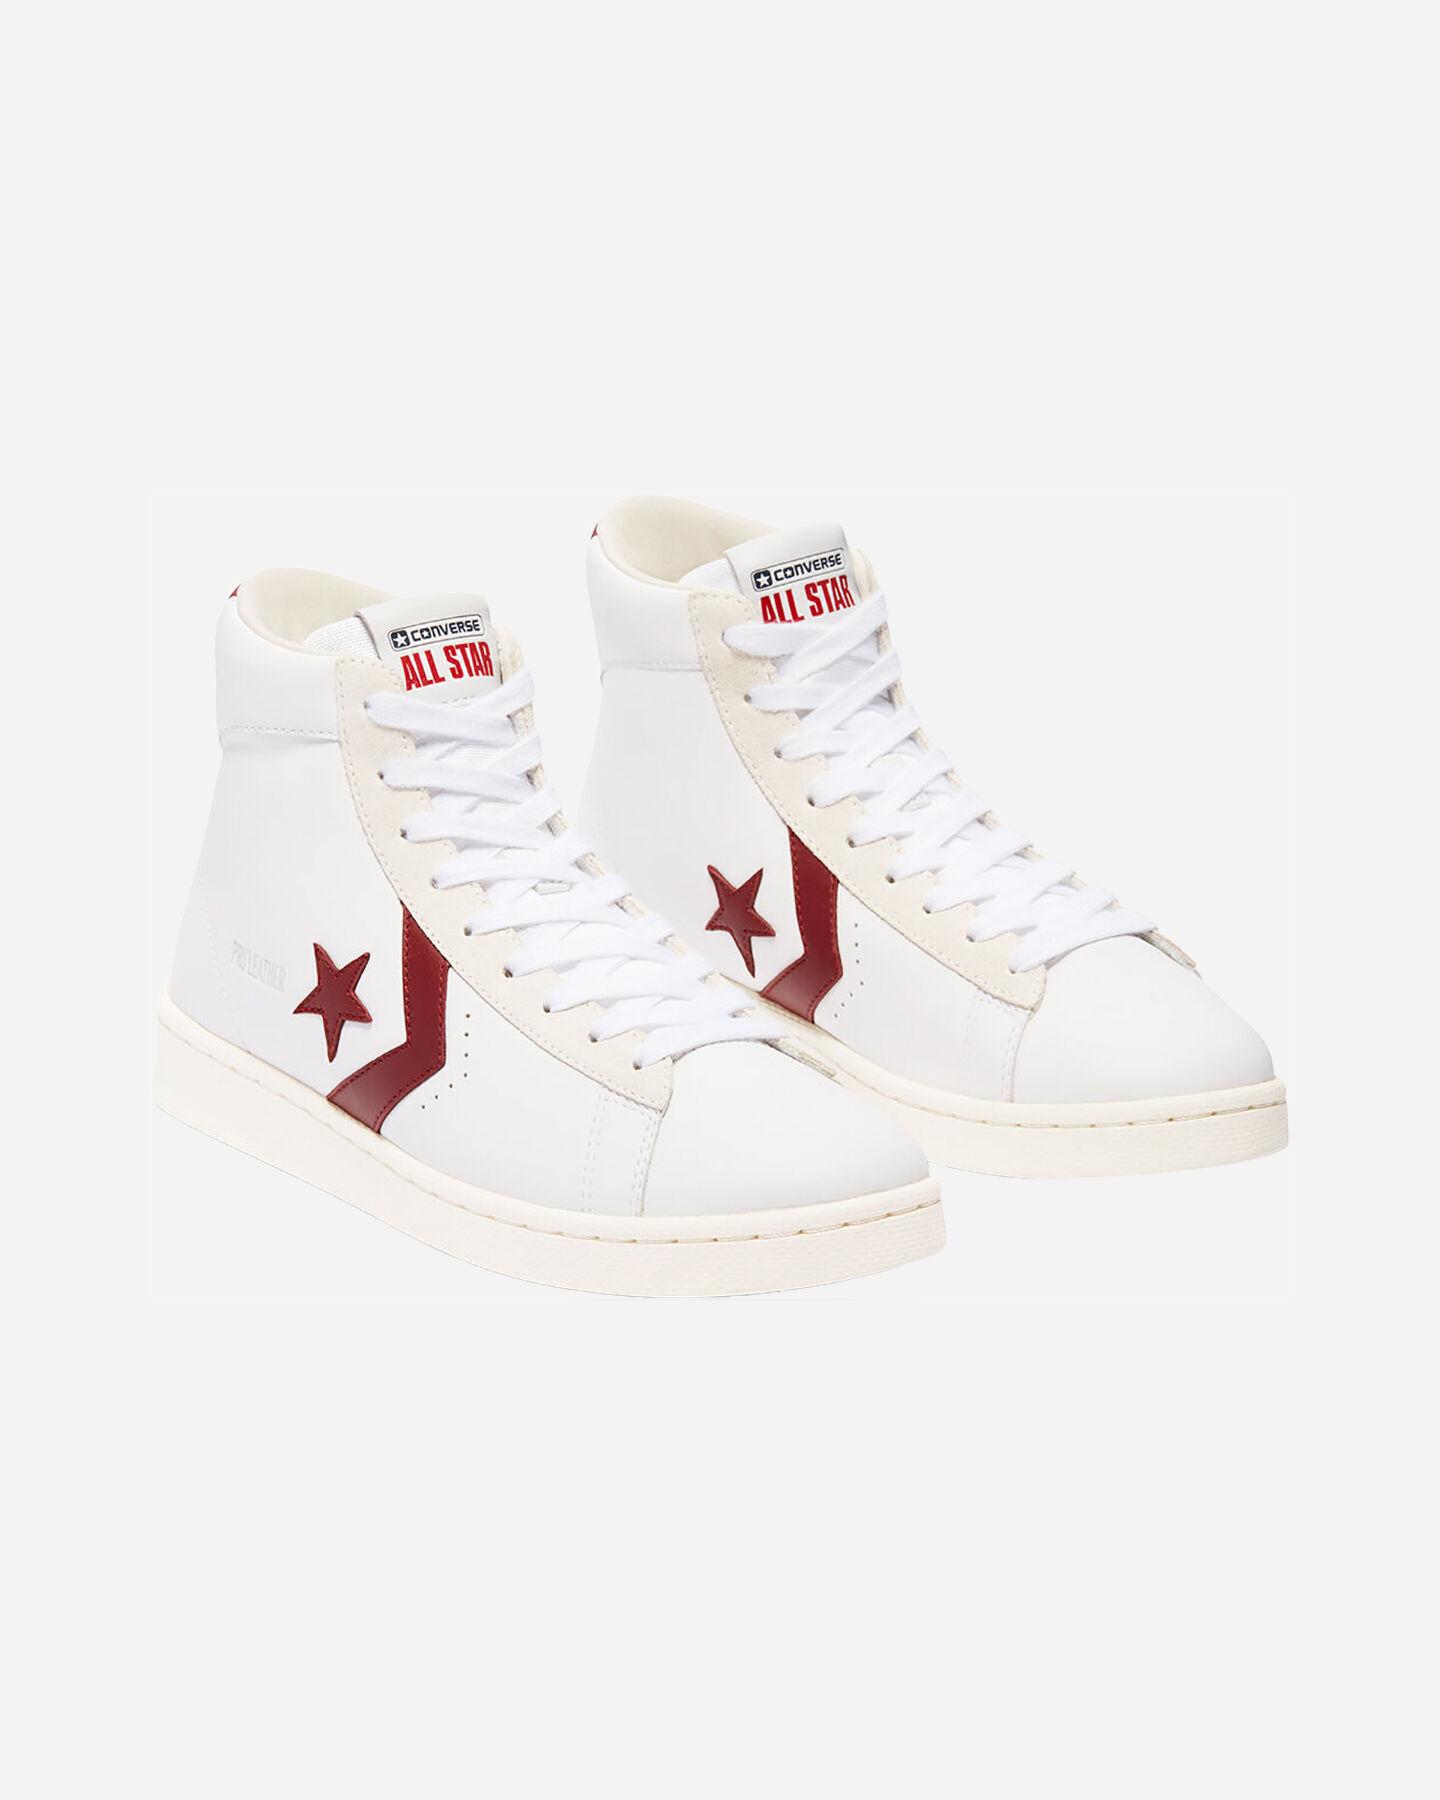 Scarpe sneakers CONVERSE PRO LEATHER M S5282508 scatto 1